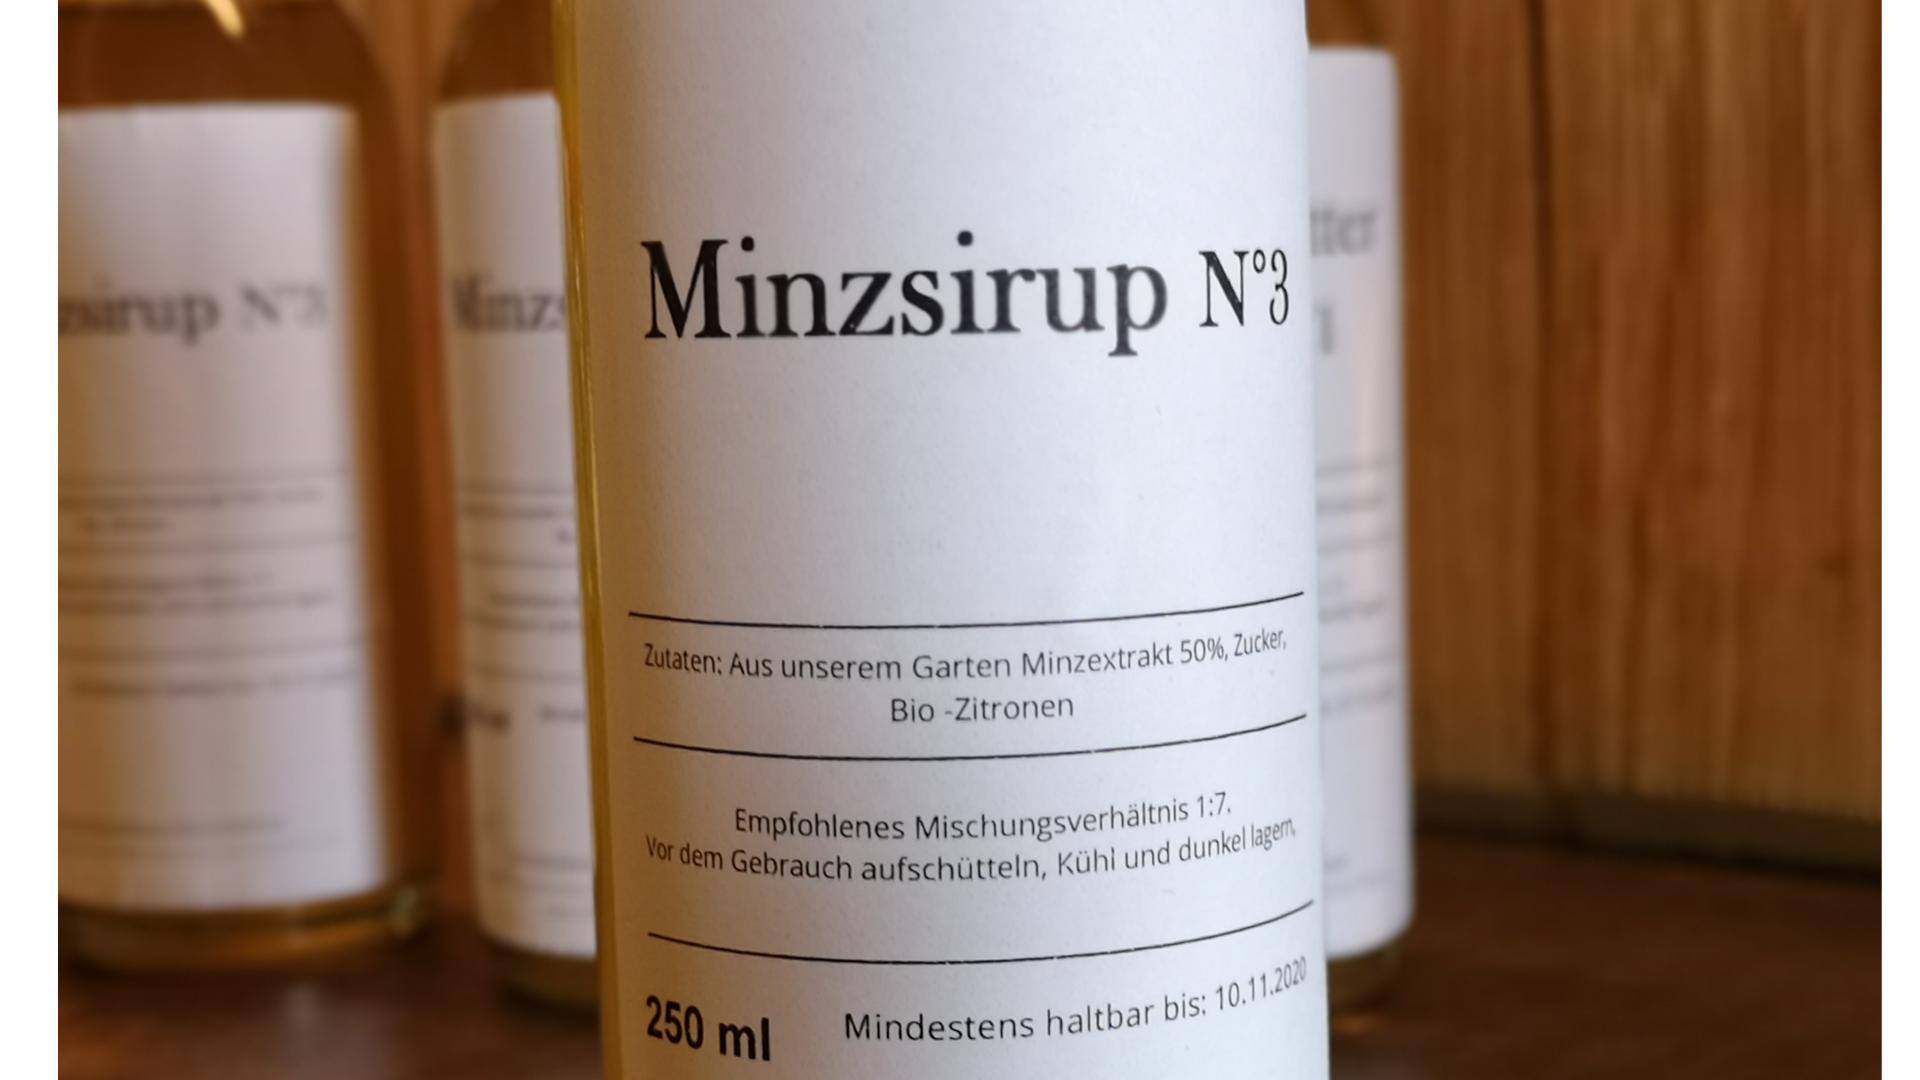 Minzsirup N°3 - 250ml